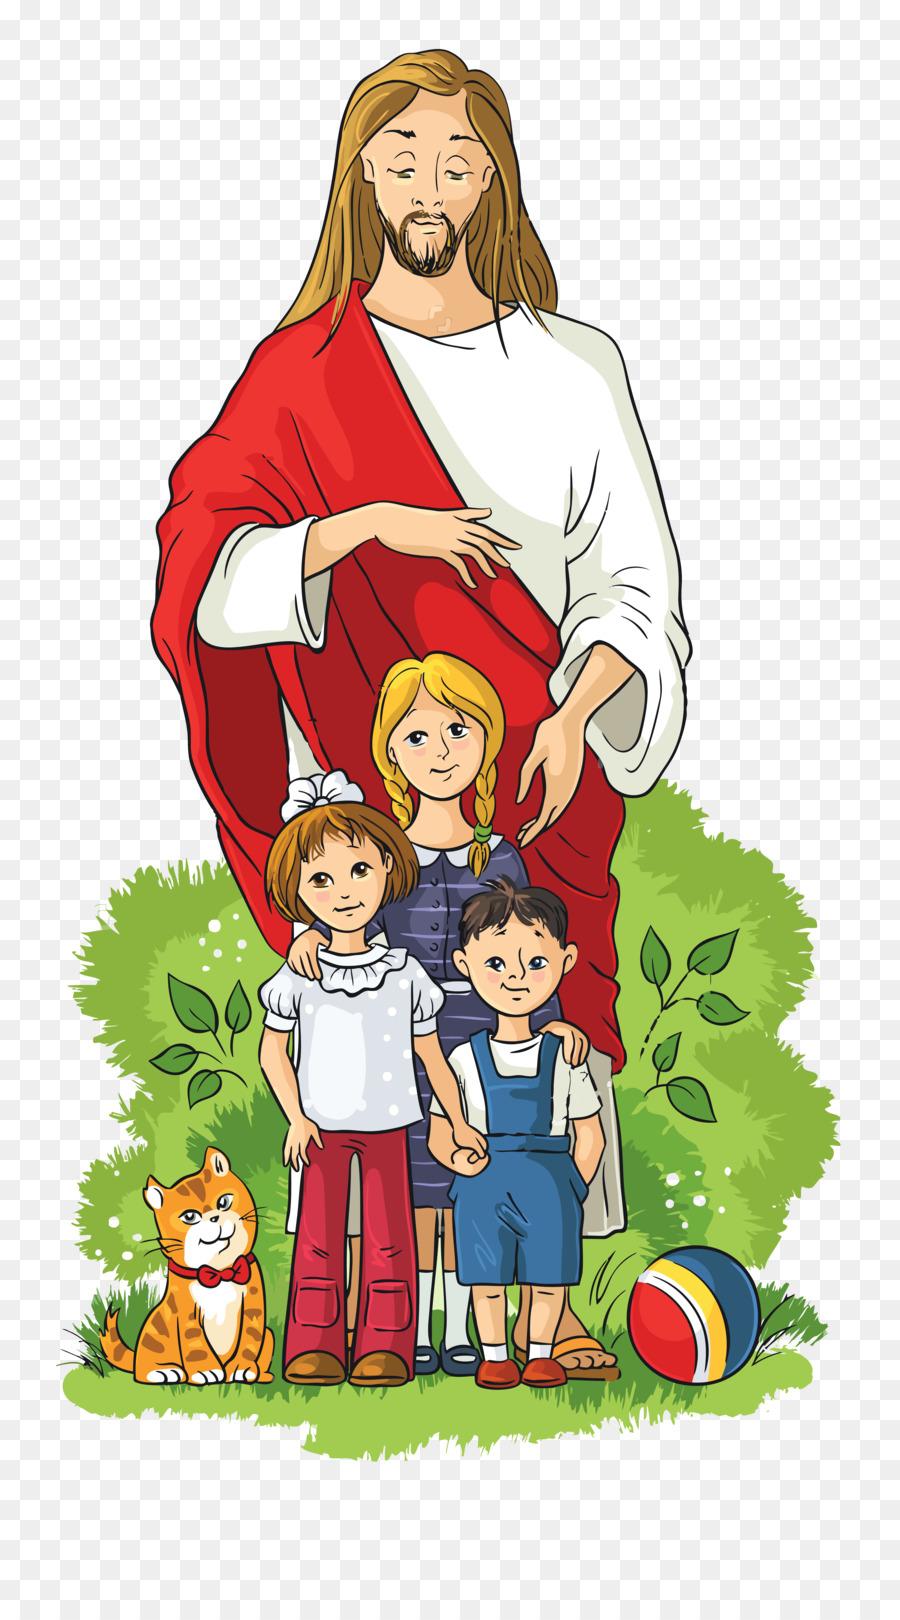 Descarga gratuita de Niño, De Dibujos Animados, Niño Jesús Imágen de Png